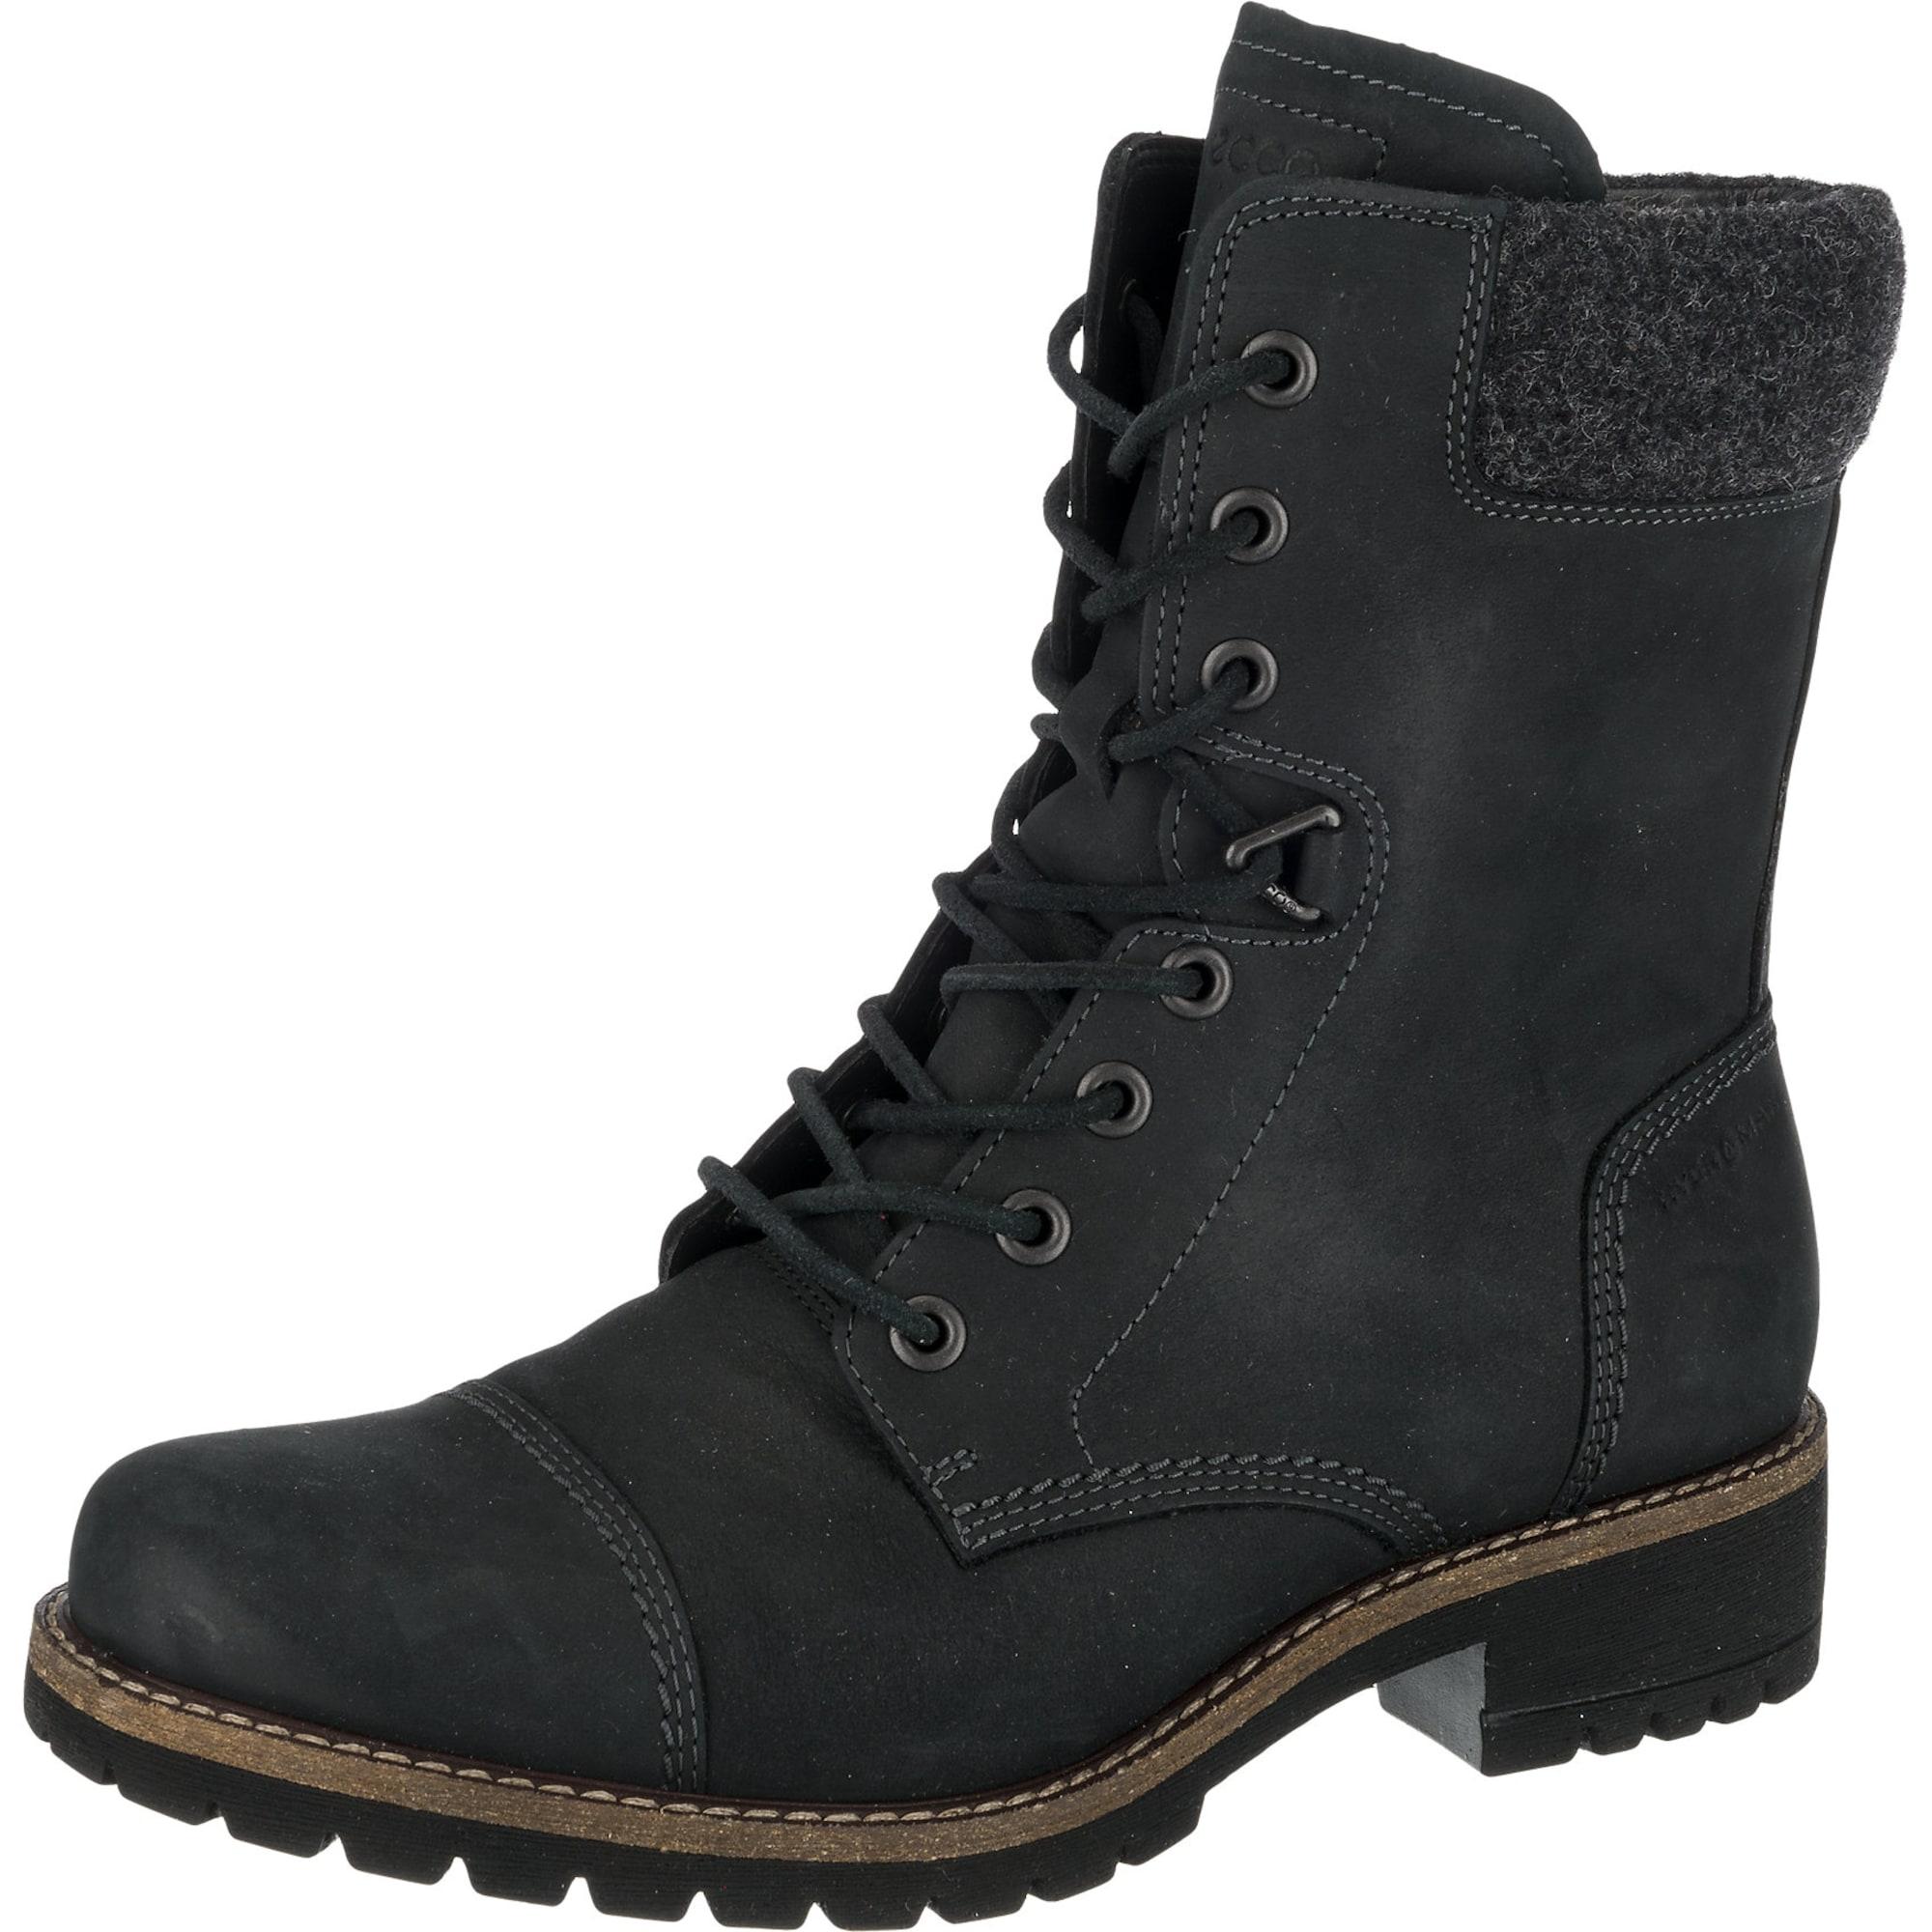 Stiefel 'Elaine' | Schuhe > Stiefel > Sonstige Stiefel | Schwarz | ECCO